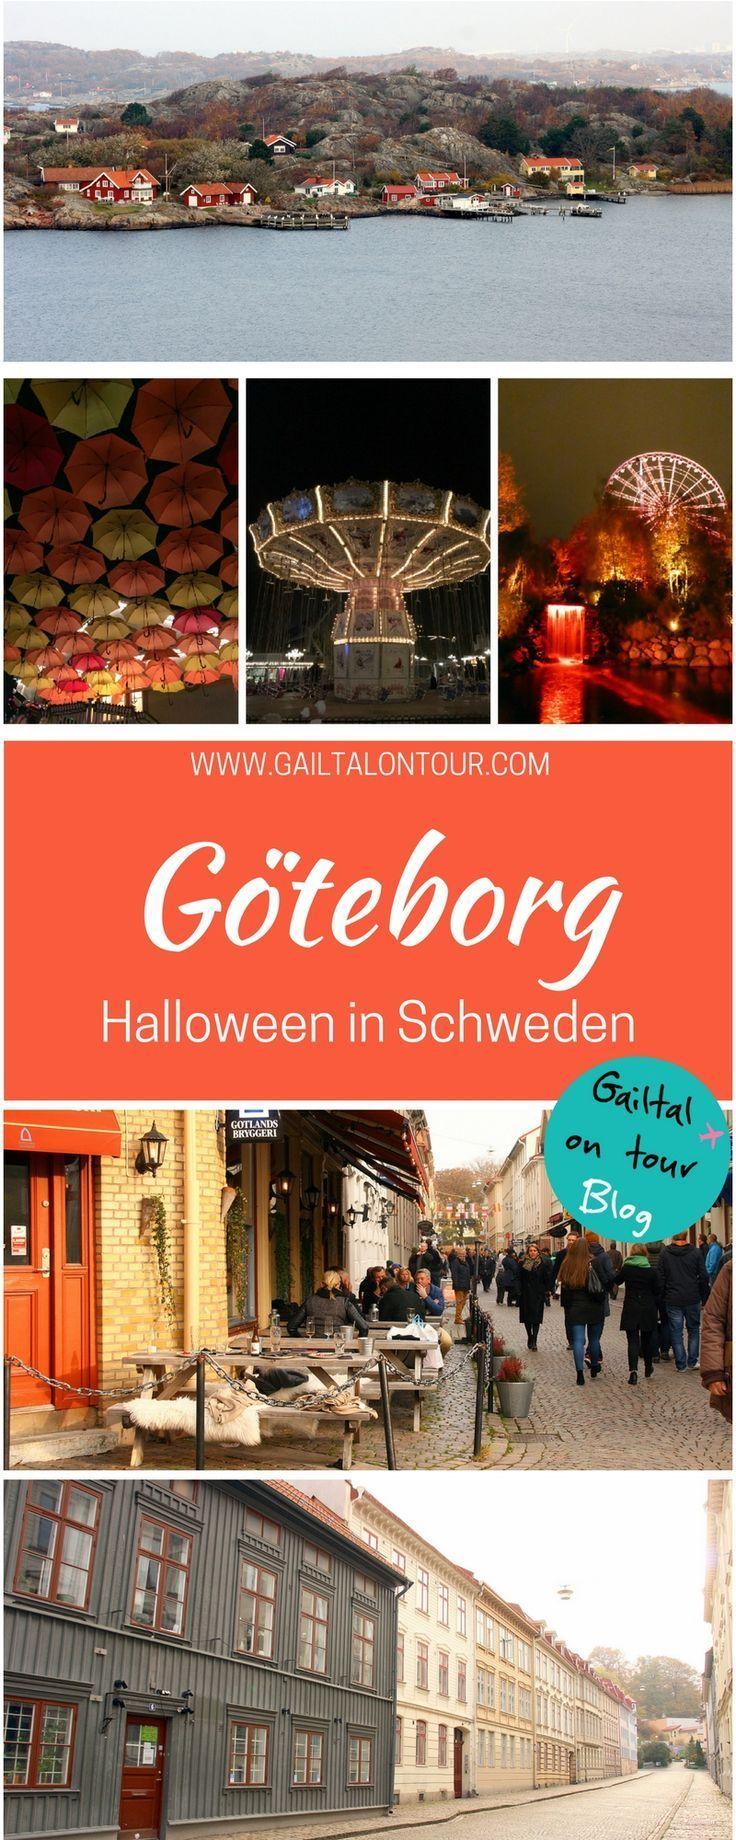 Städtetrip im Herbst nach #Göteborg. Ein Highlight ist #Halloween in #Liseberg. Aber die Stadt ist auch ideal für Shopping, Sightseeing oder einen Ausflug in den Schärengarten